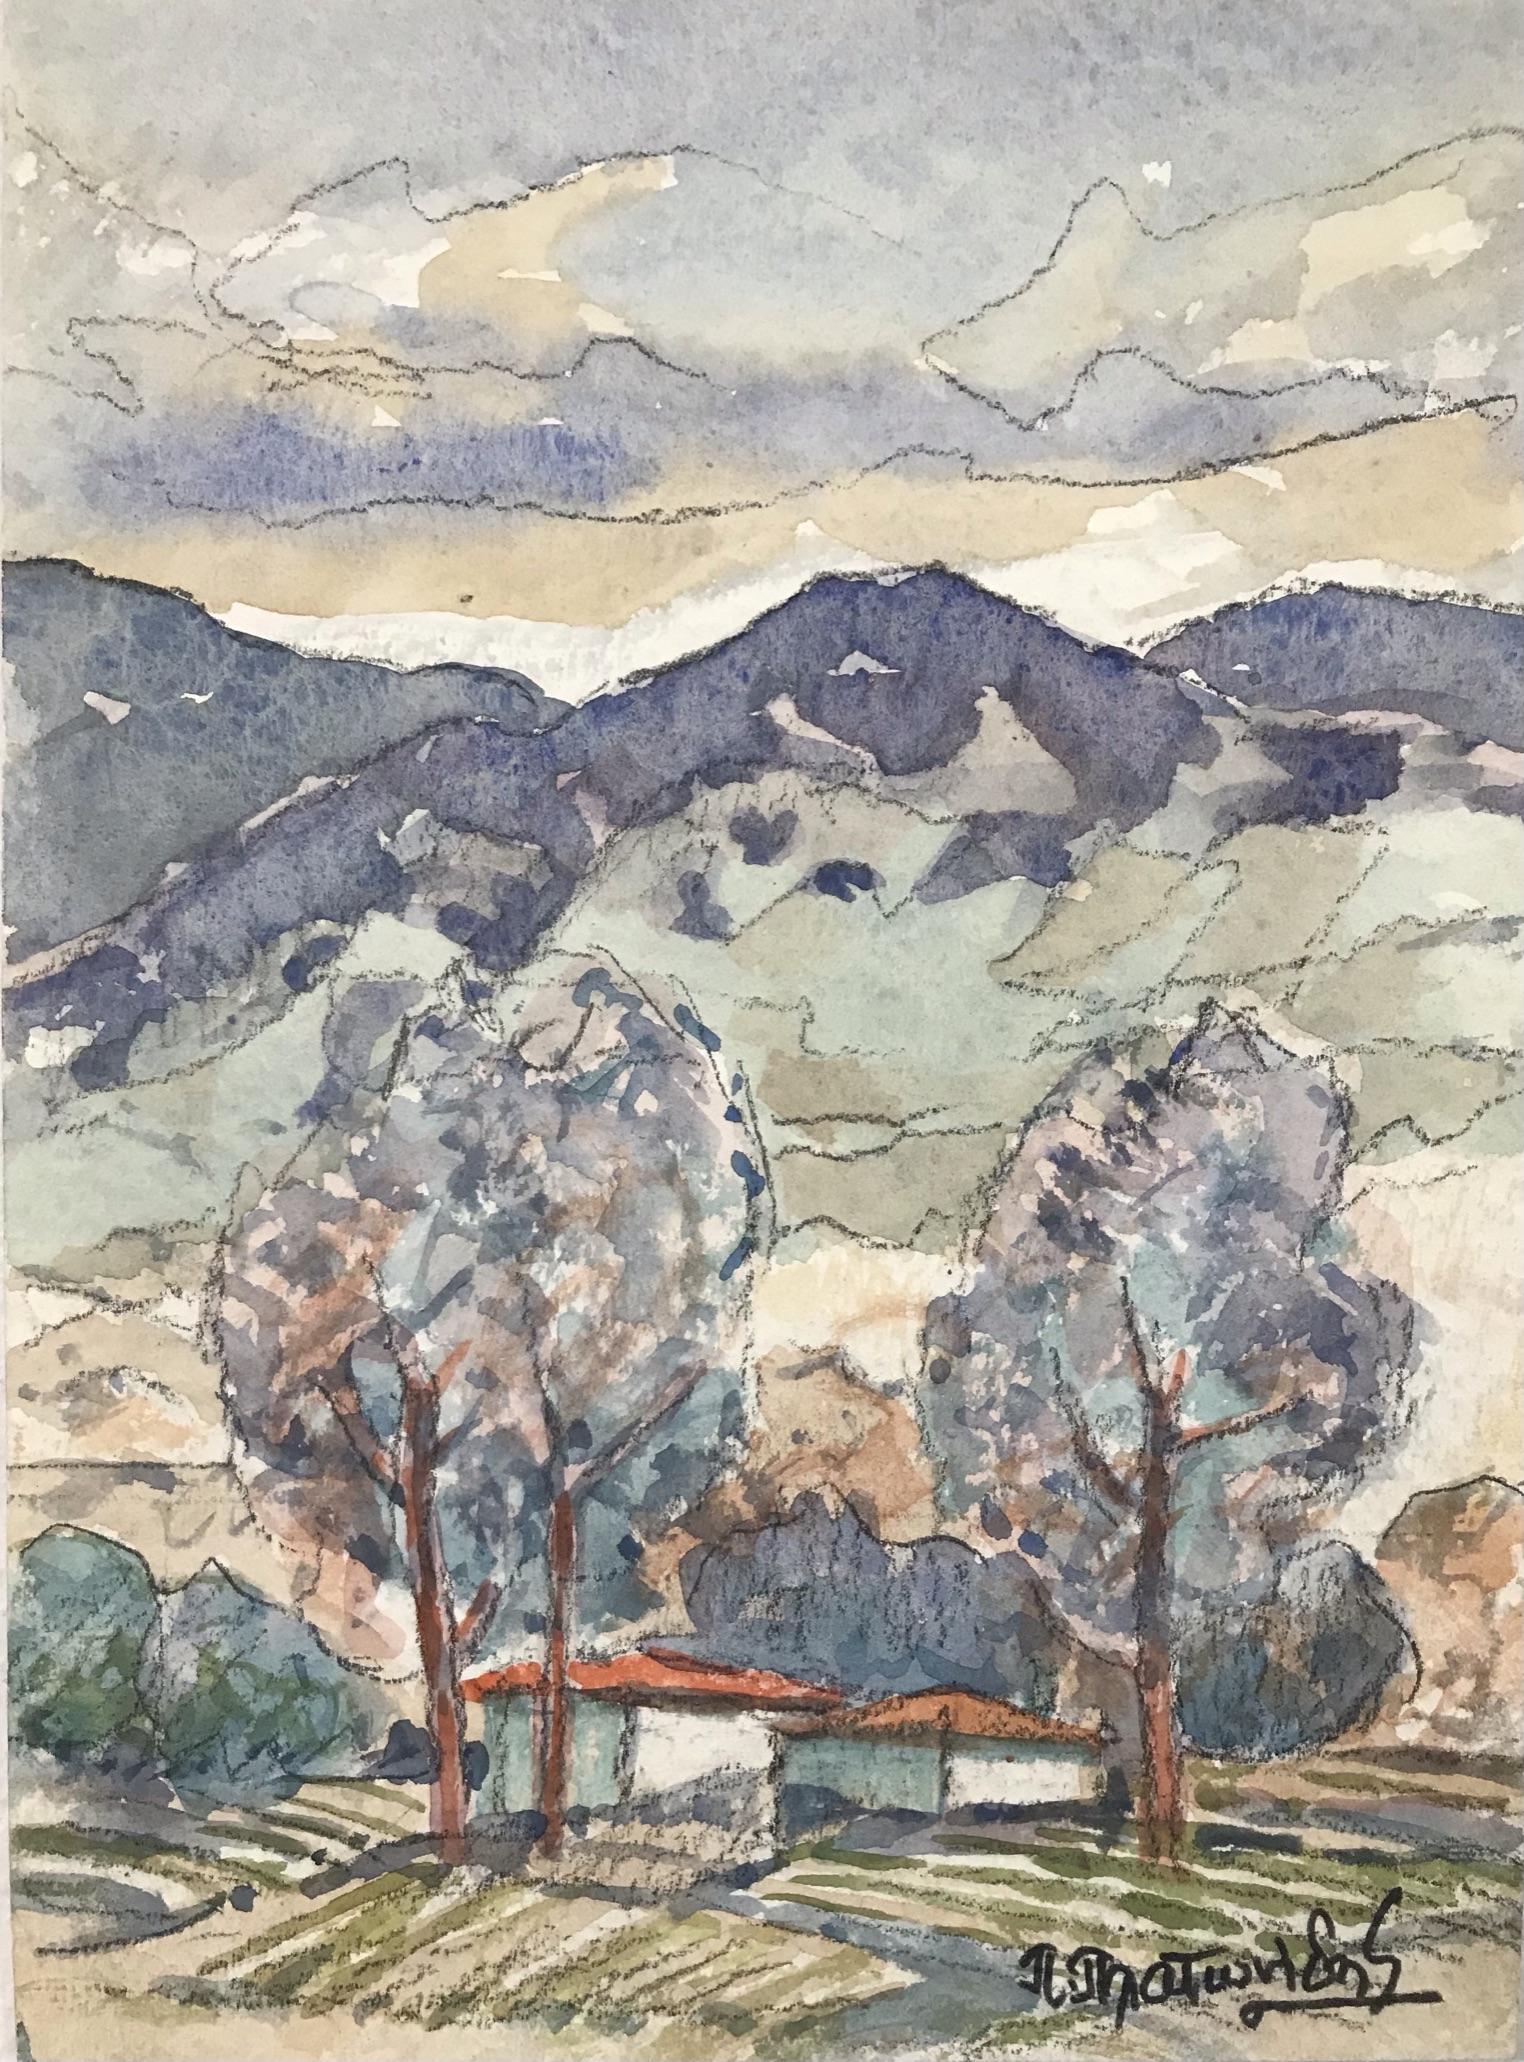 Πίνδαρος Πλατωνίδης 25×36 εκ Ακουαρέλα Pindaros Platonides 25×36 cm Water colours on paper (2)